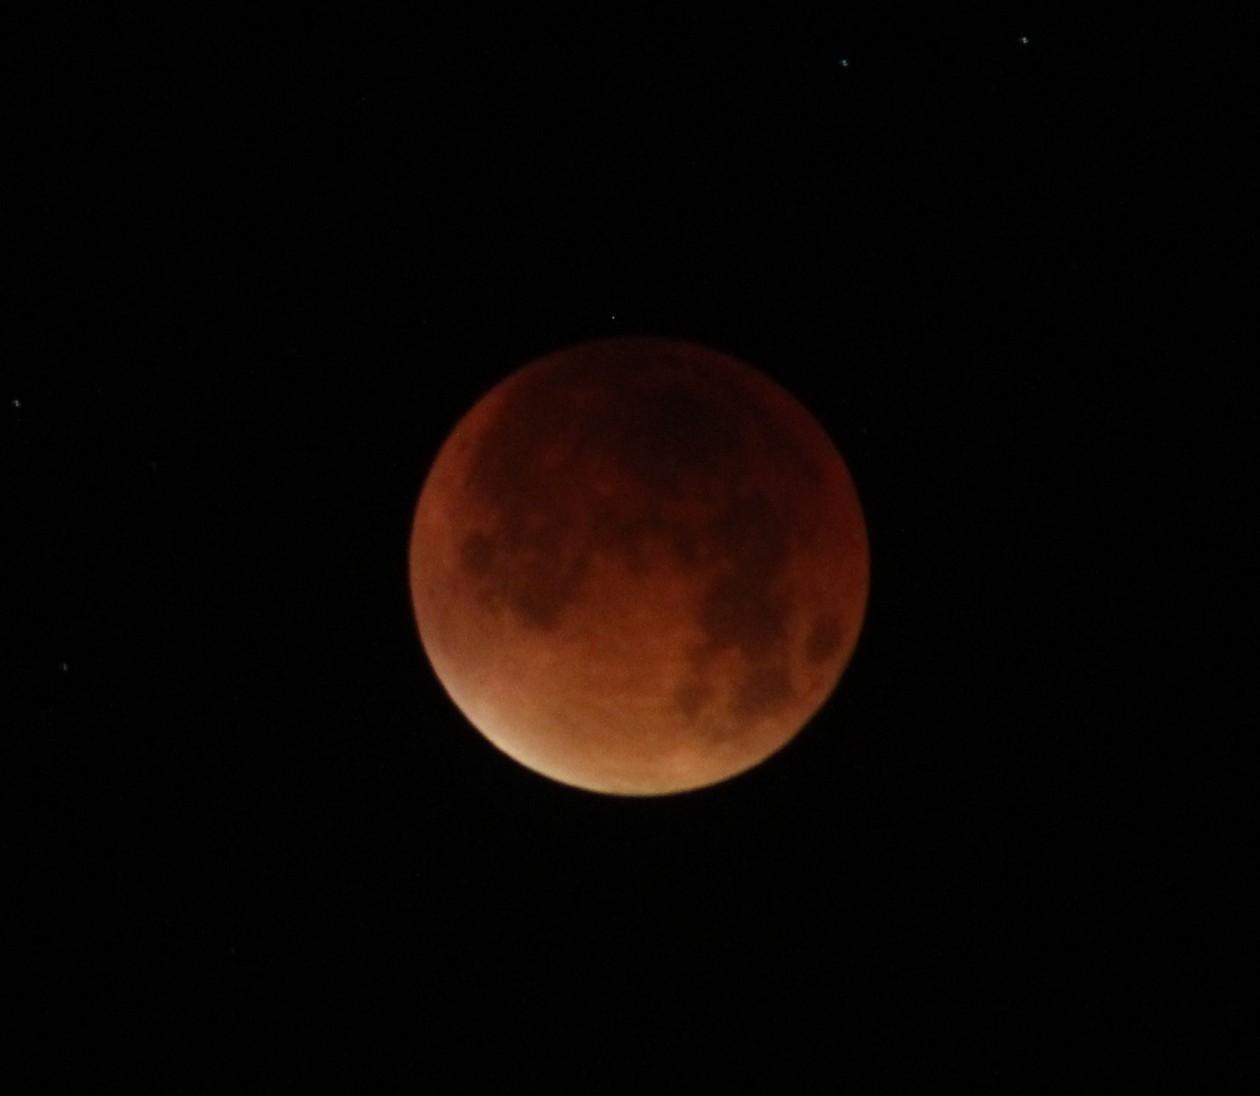 LunarEclipse_20150928_0254UT_potter_lo_1260